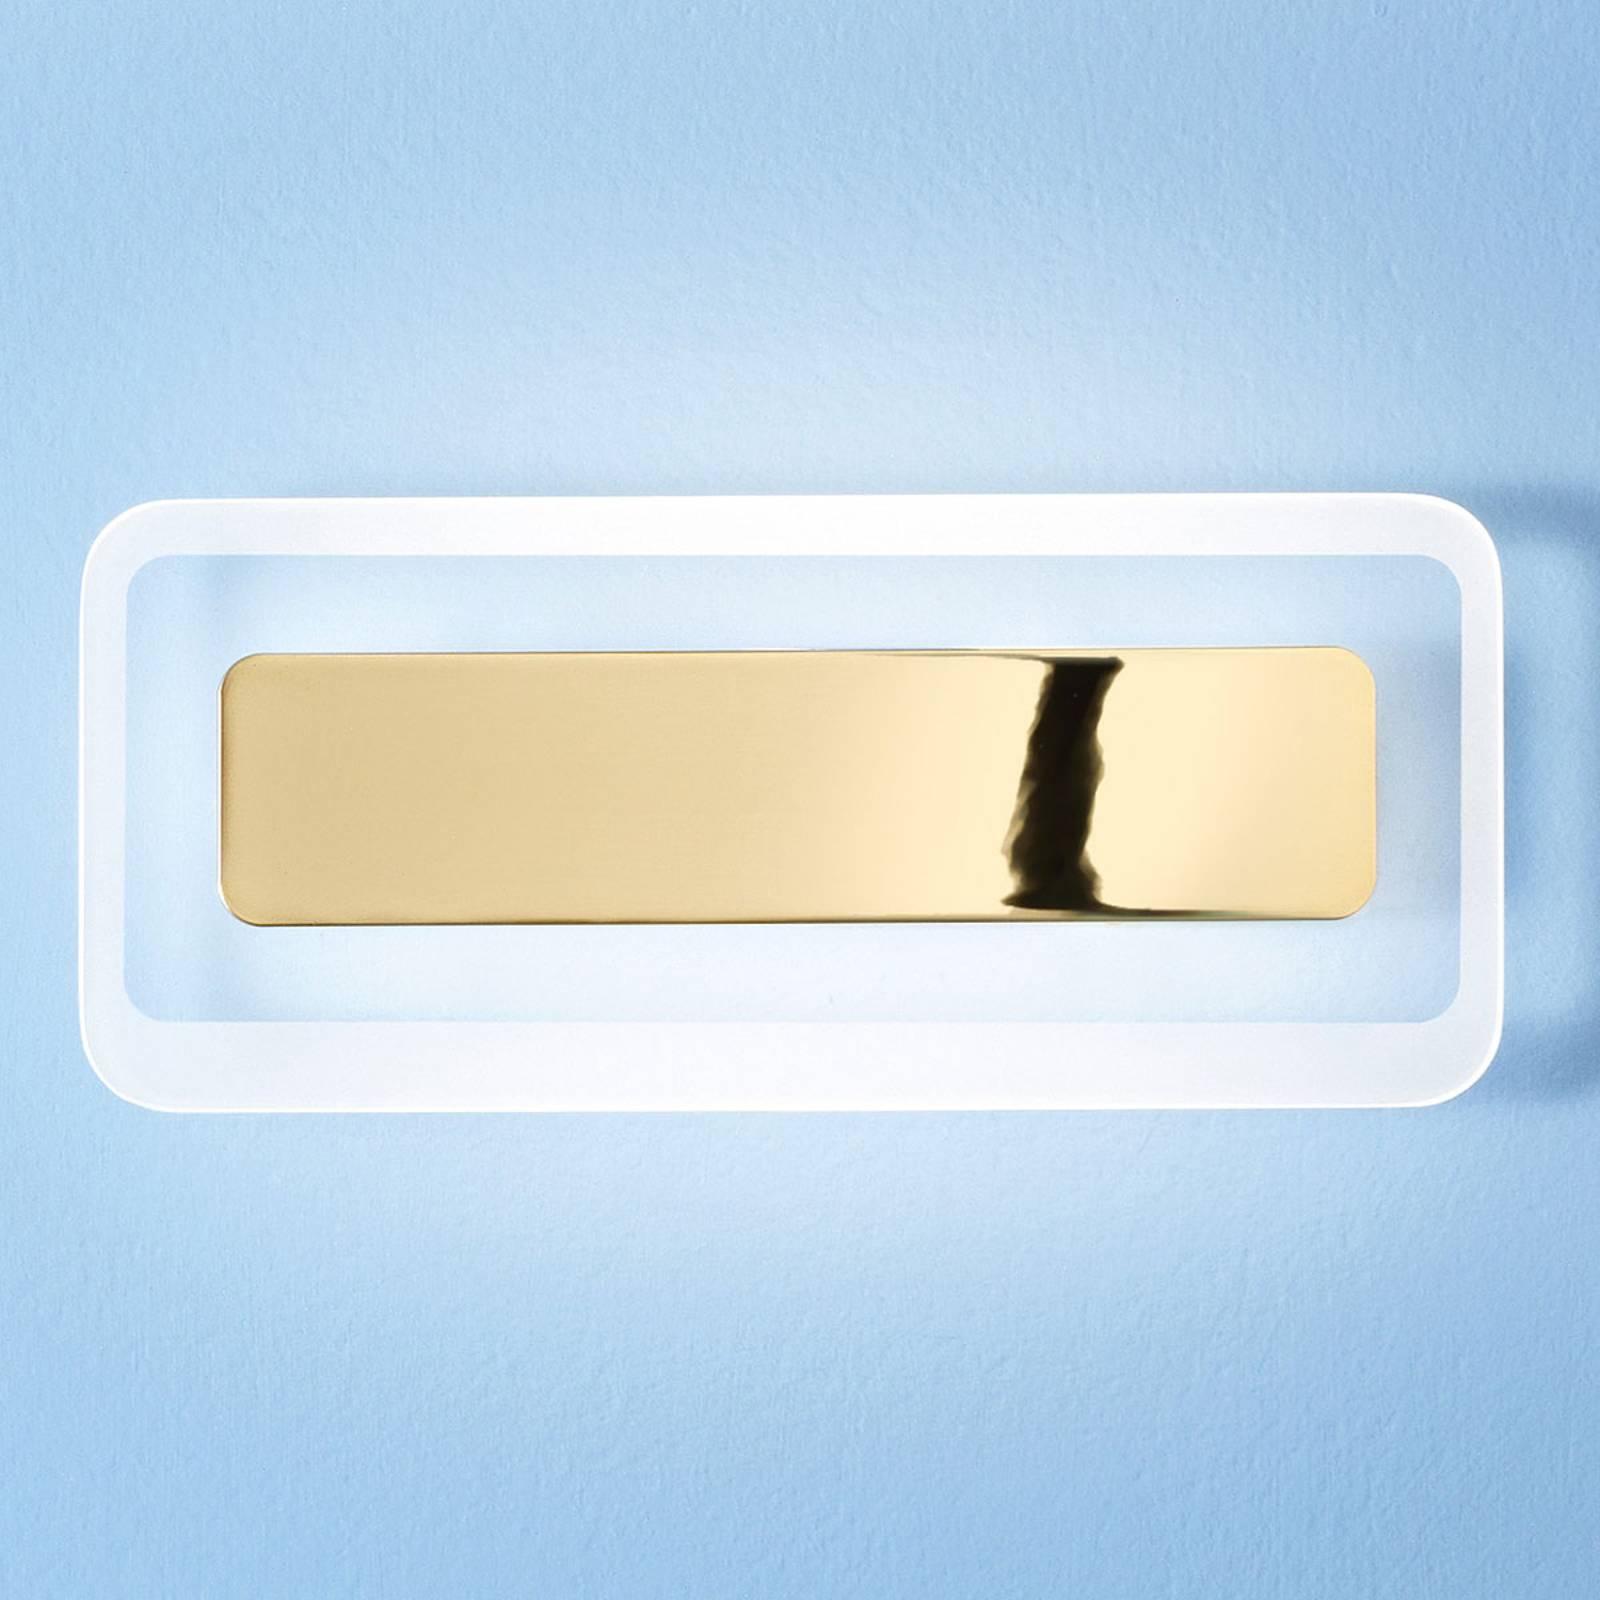 LED-Wandleuchte Antille gold 31,4 cm